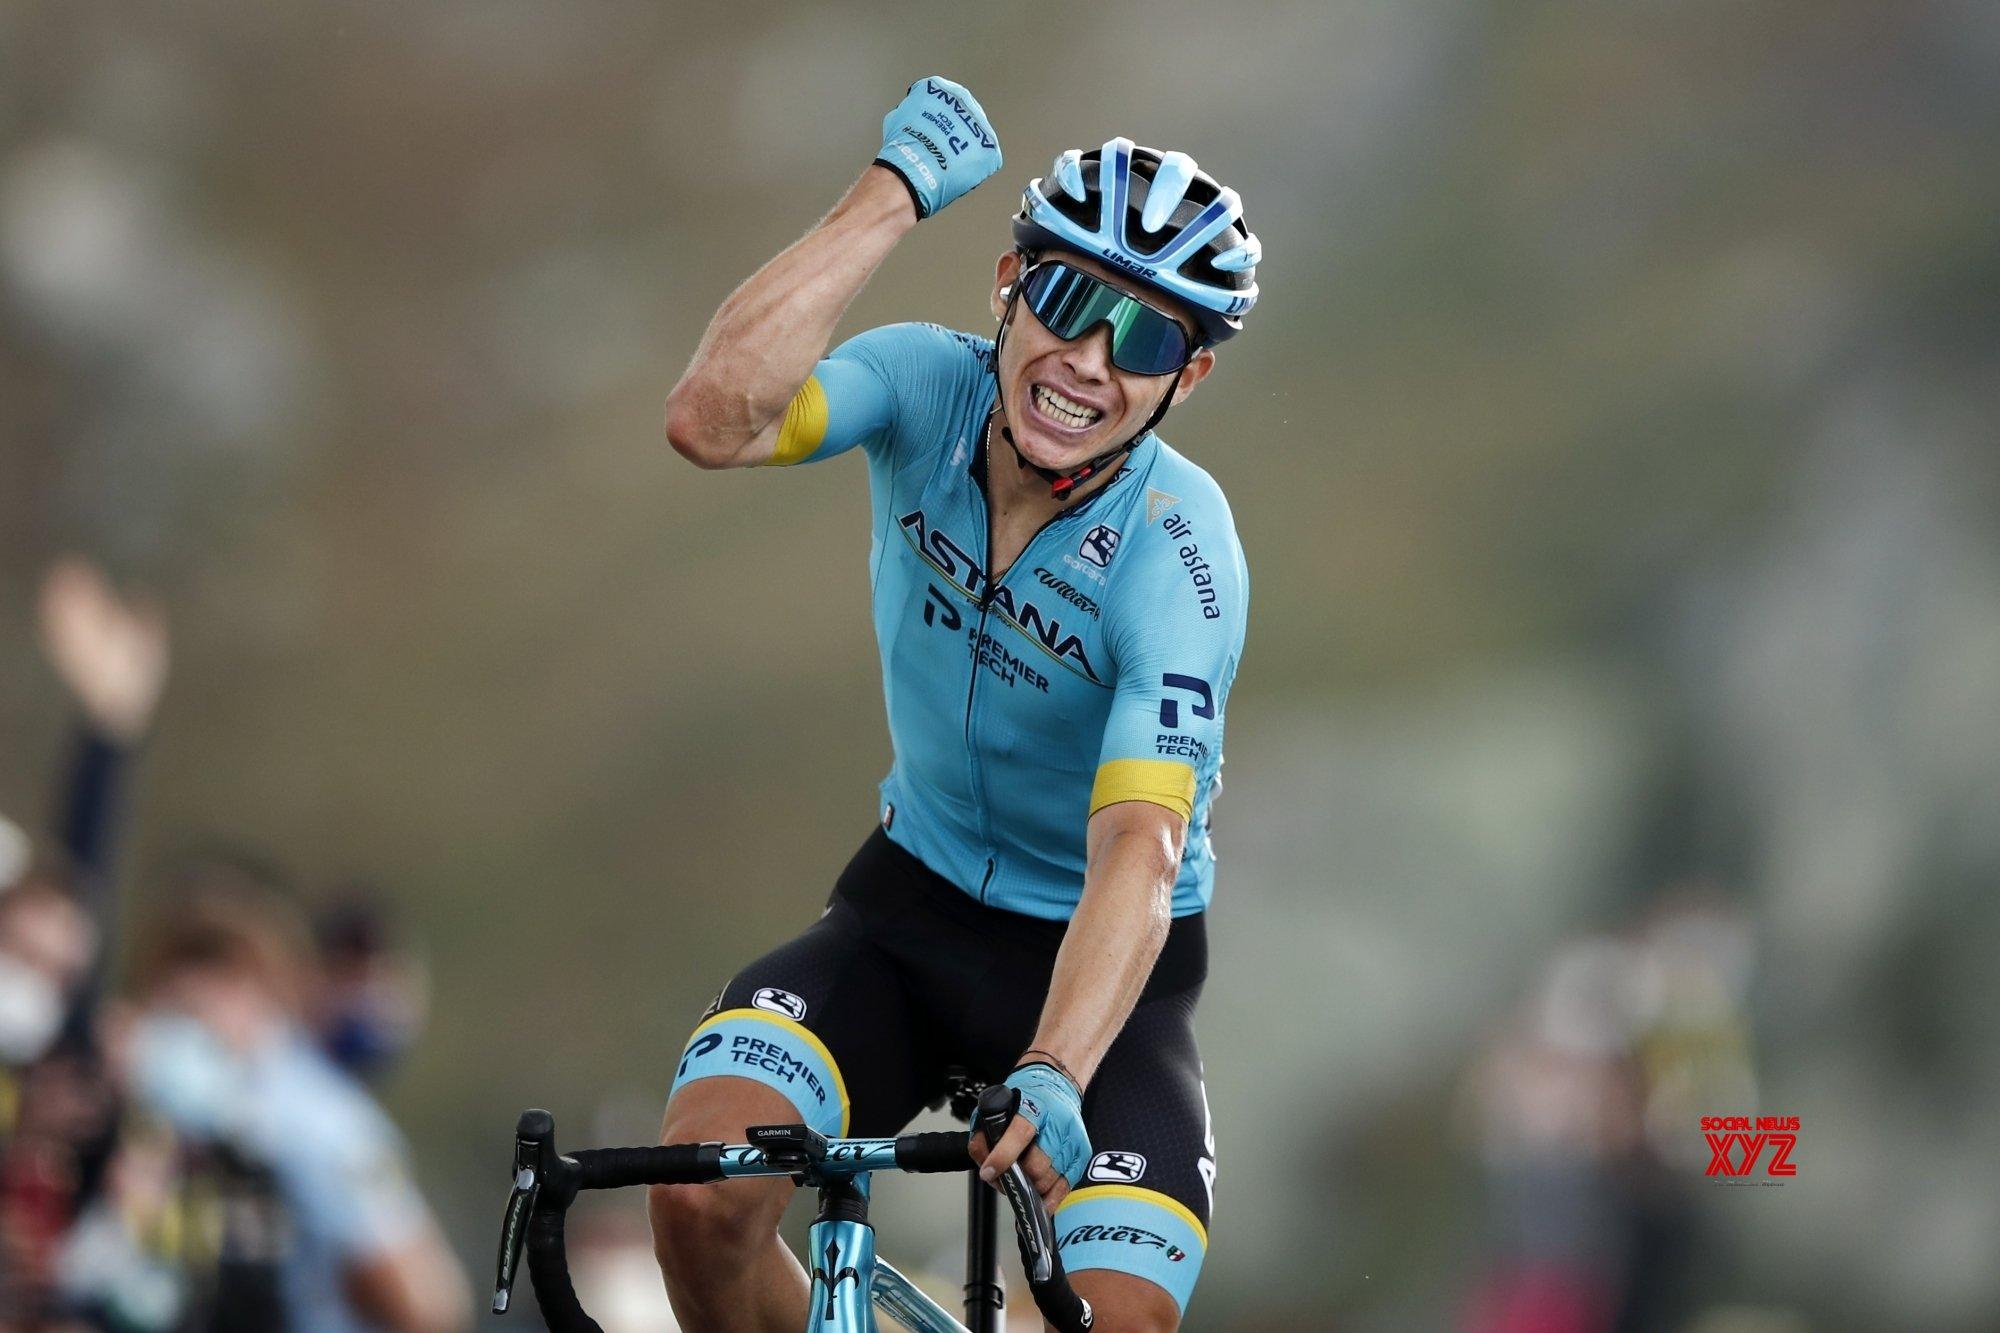 Tour de France: Drama on Col de la Loze as Lopez wins Stage 17